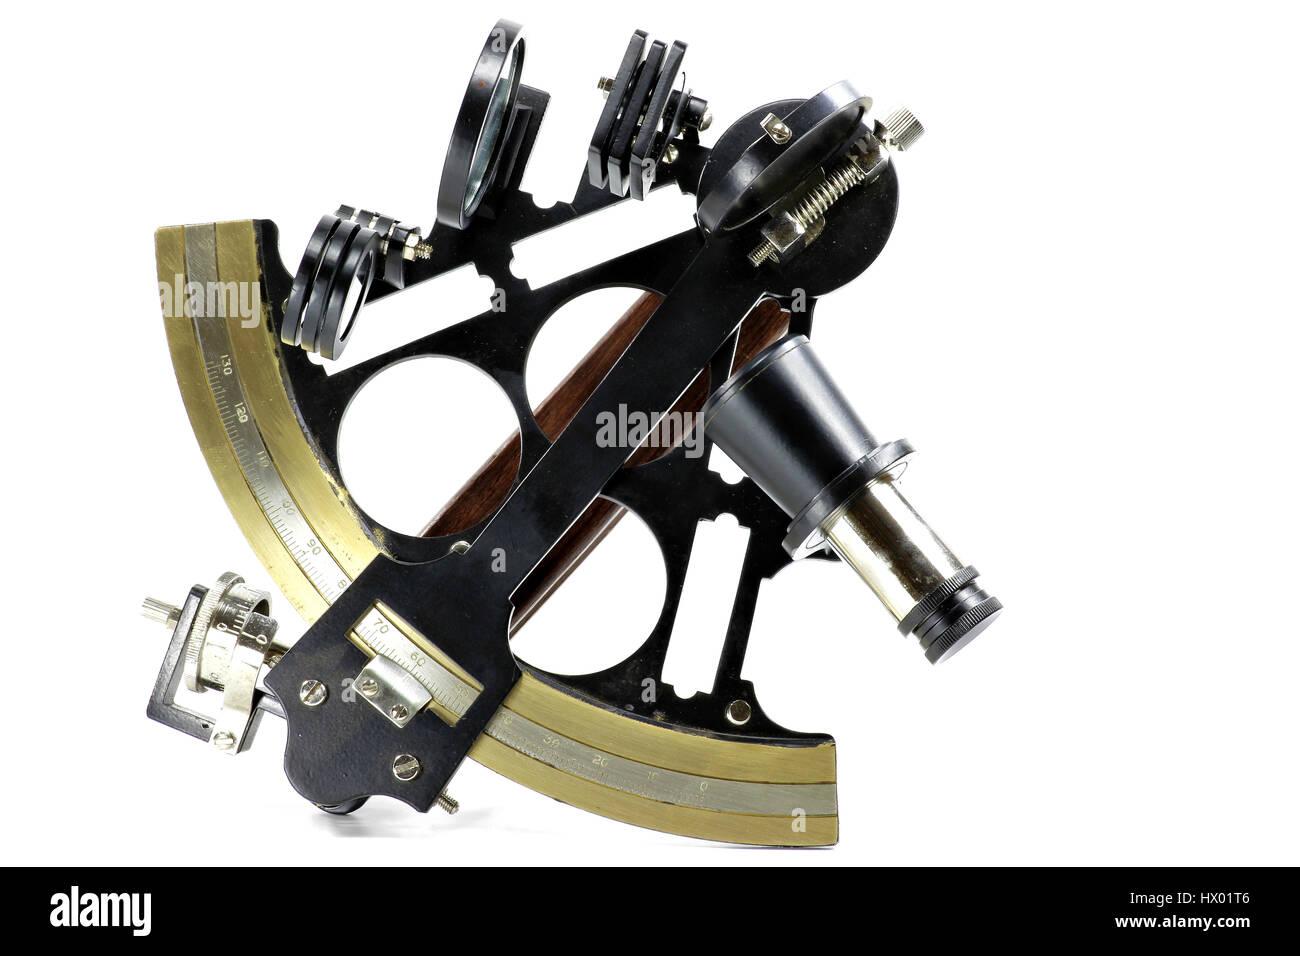 marine sextant isolated on white background - Stock Image